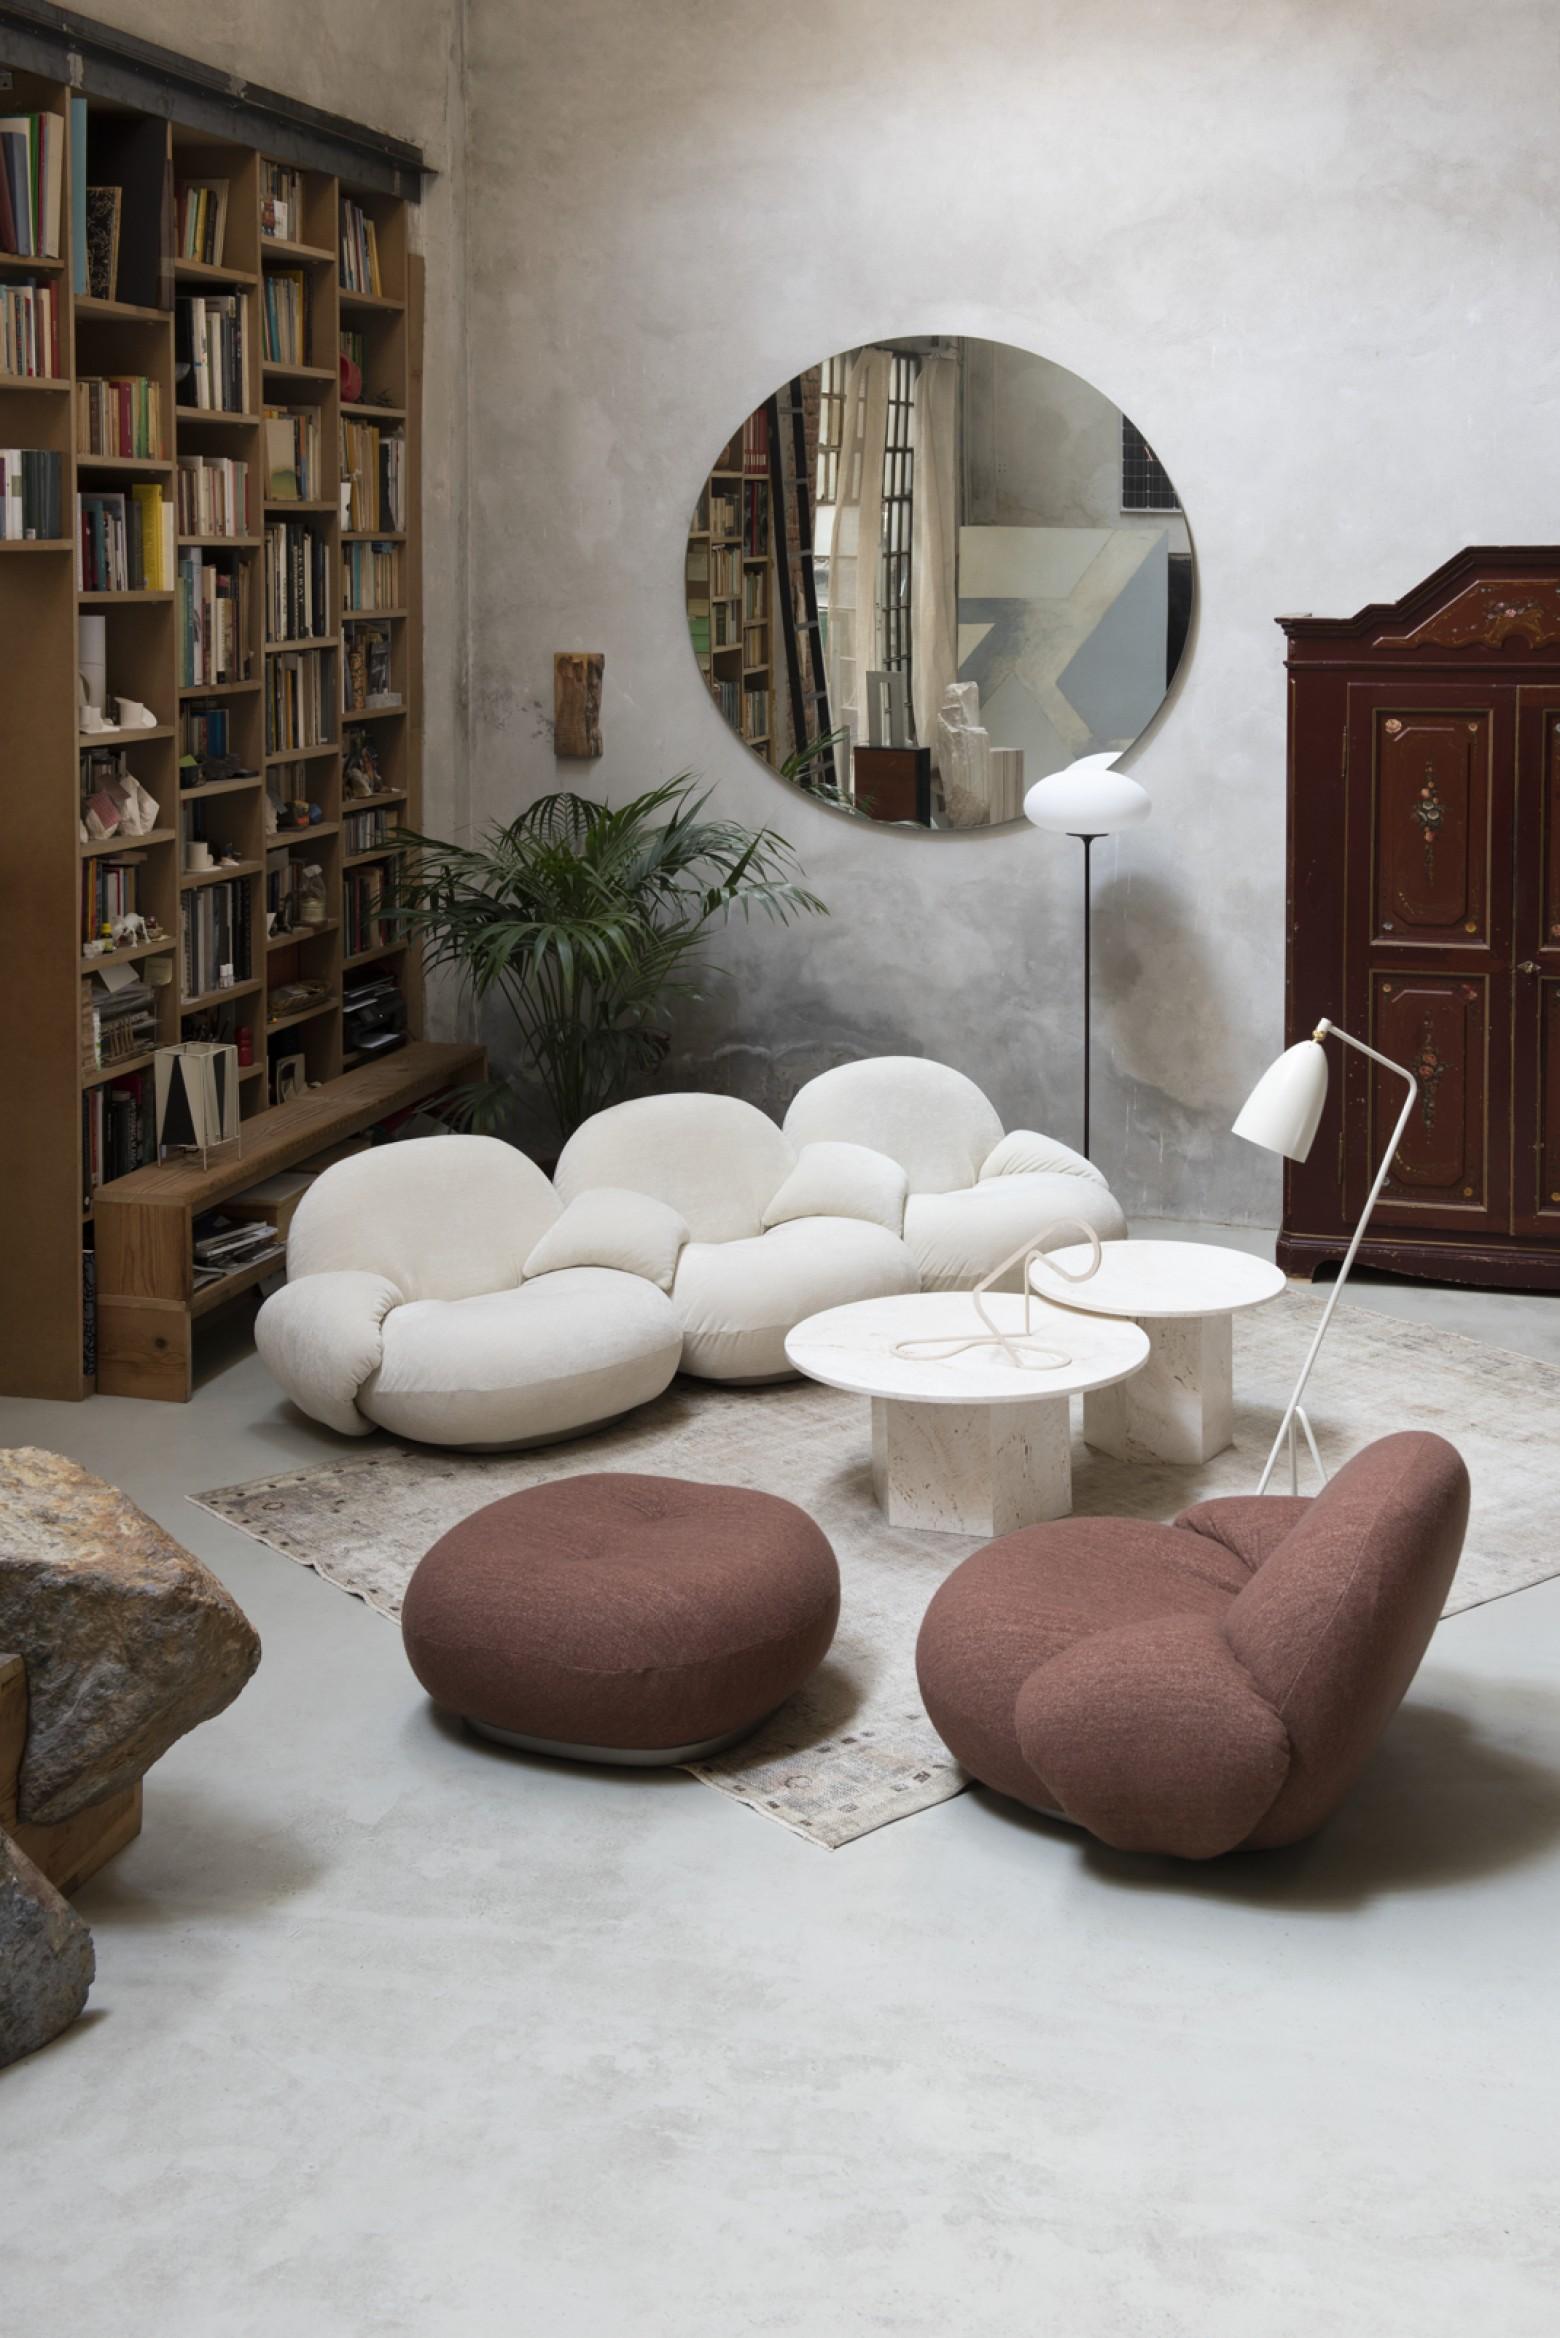 Gubi: Pacha (Pierre Paulin) avec accoudoirs - Tables basses épiques en travertin - Stemlite - Grashoppa - etc. Victors Design Agency